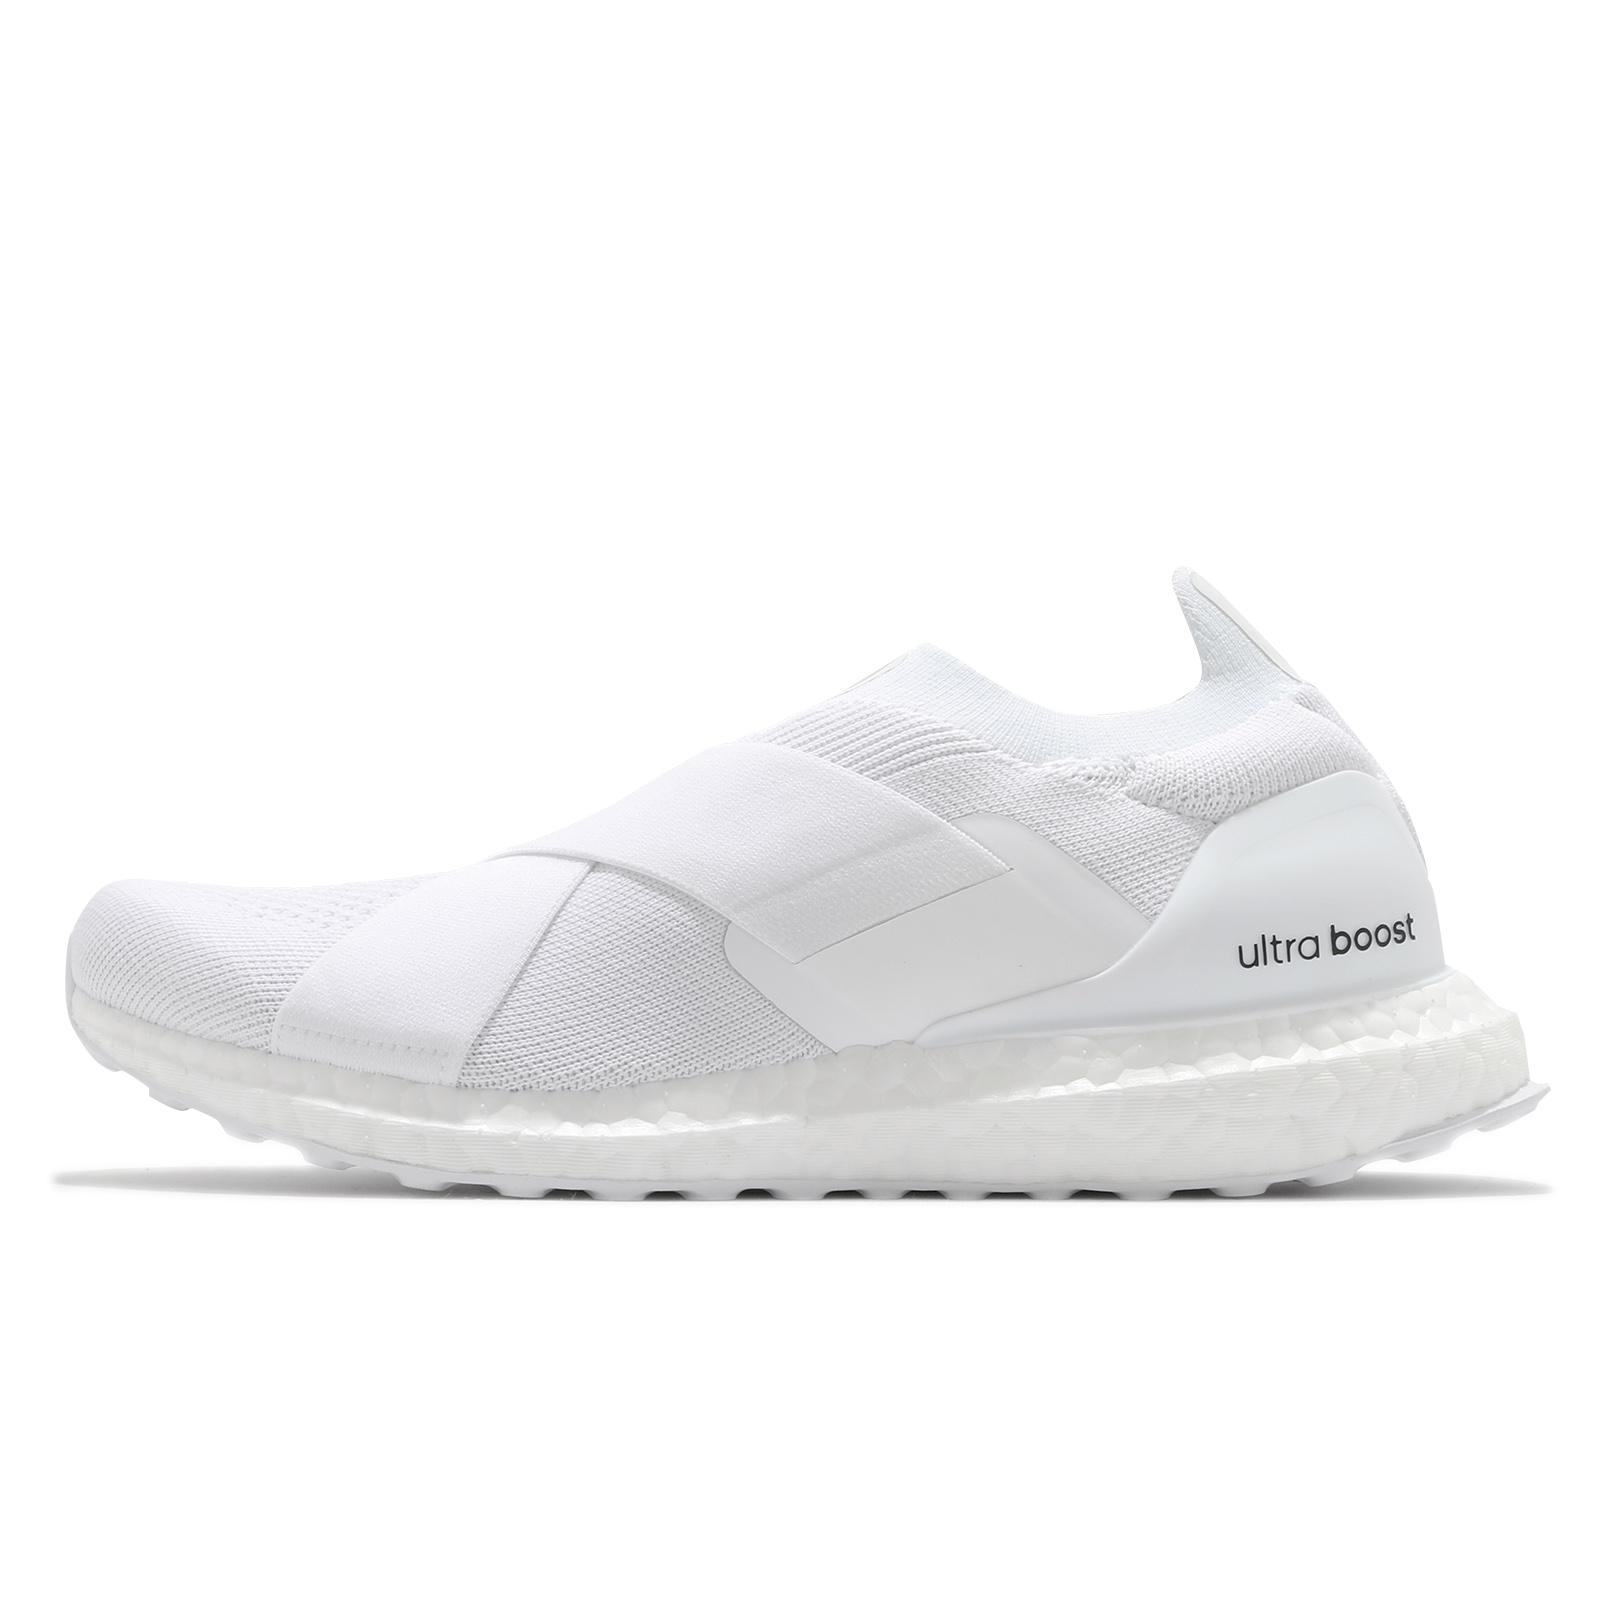 adidas 休閒鞋 Ultraboost Slip On DNA 白 愛迪達 Boost 女鞋 ACS H02815